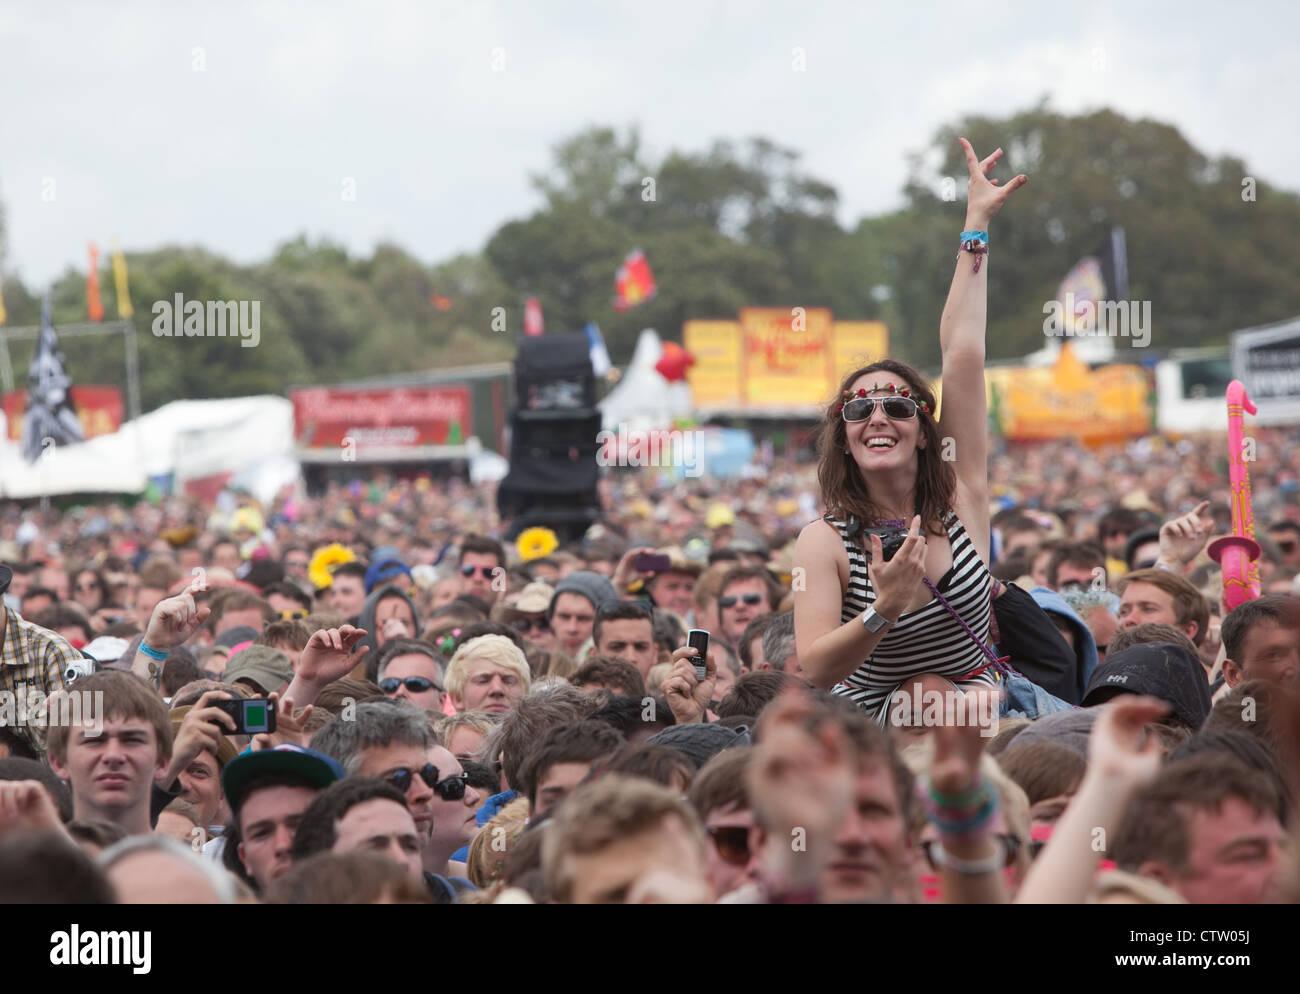 Muchedumbre en un festival de música Imagen De Stock